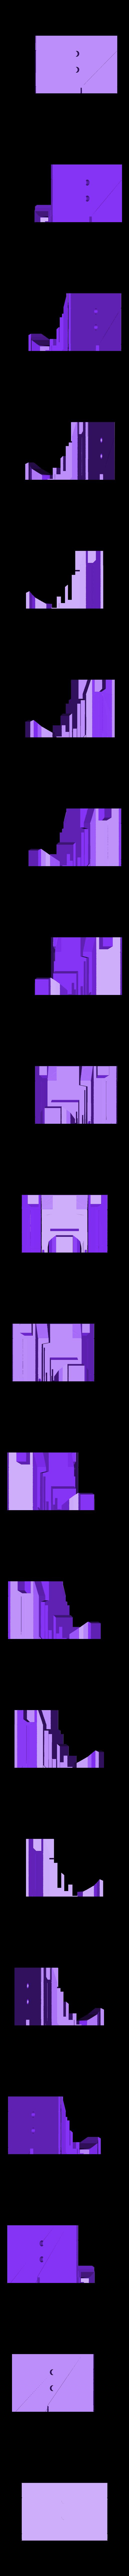 Front_MidC.stl Télécharger fichier STL gratuit Frégate Nebulon B (coupée et sectionnée) • Modèle pour impression 3D, Masterkookus